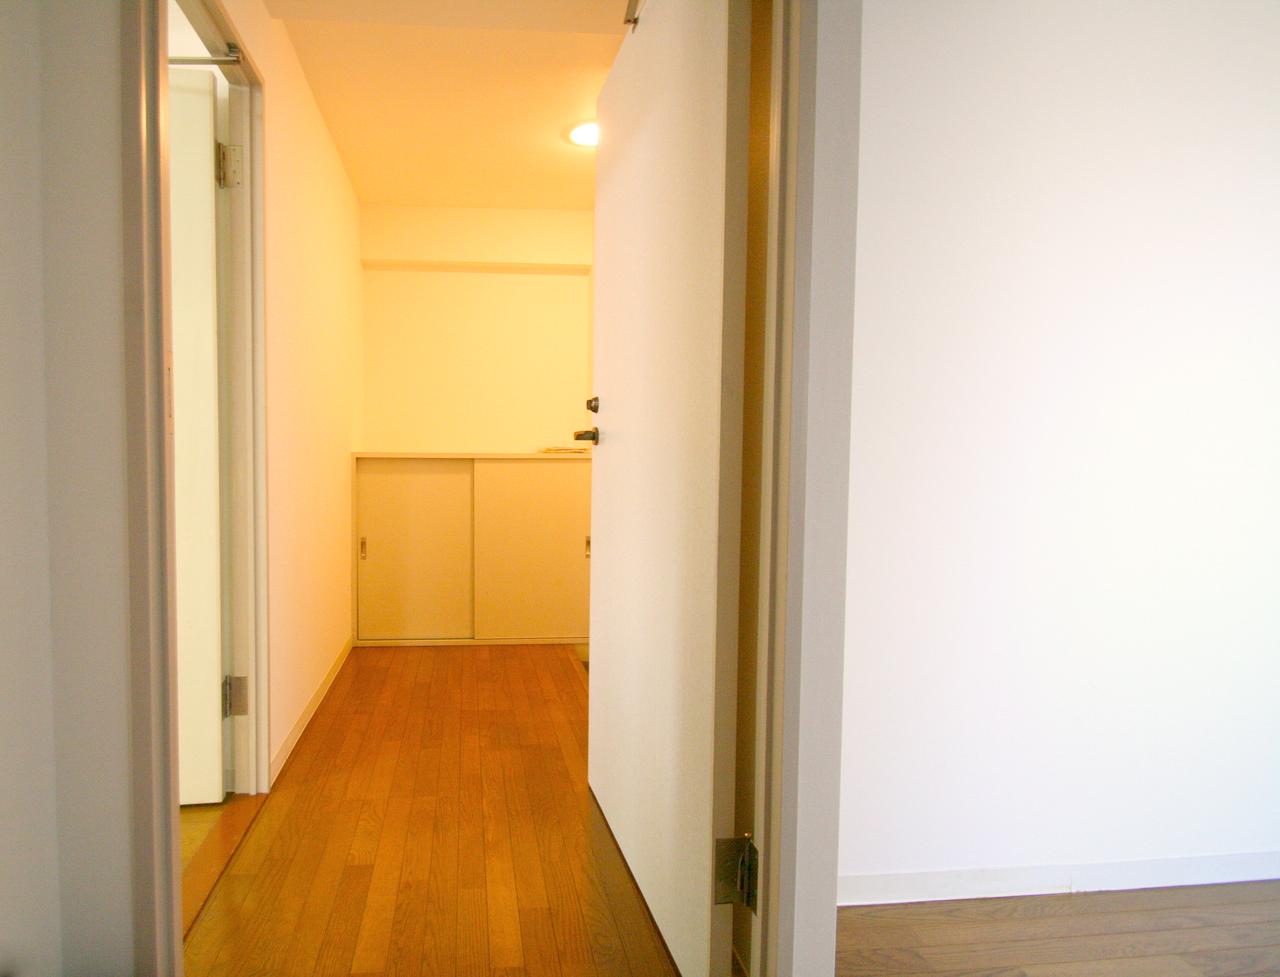 ○○物件の玄関廊下からの写真です。